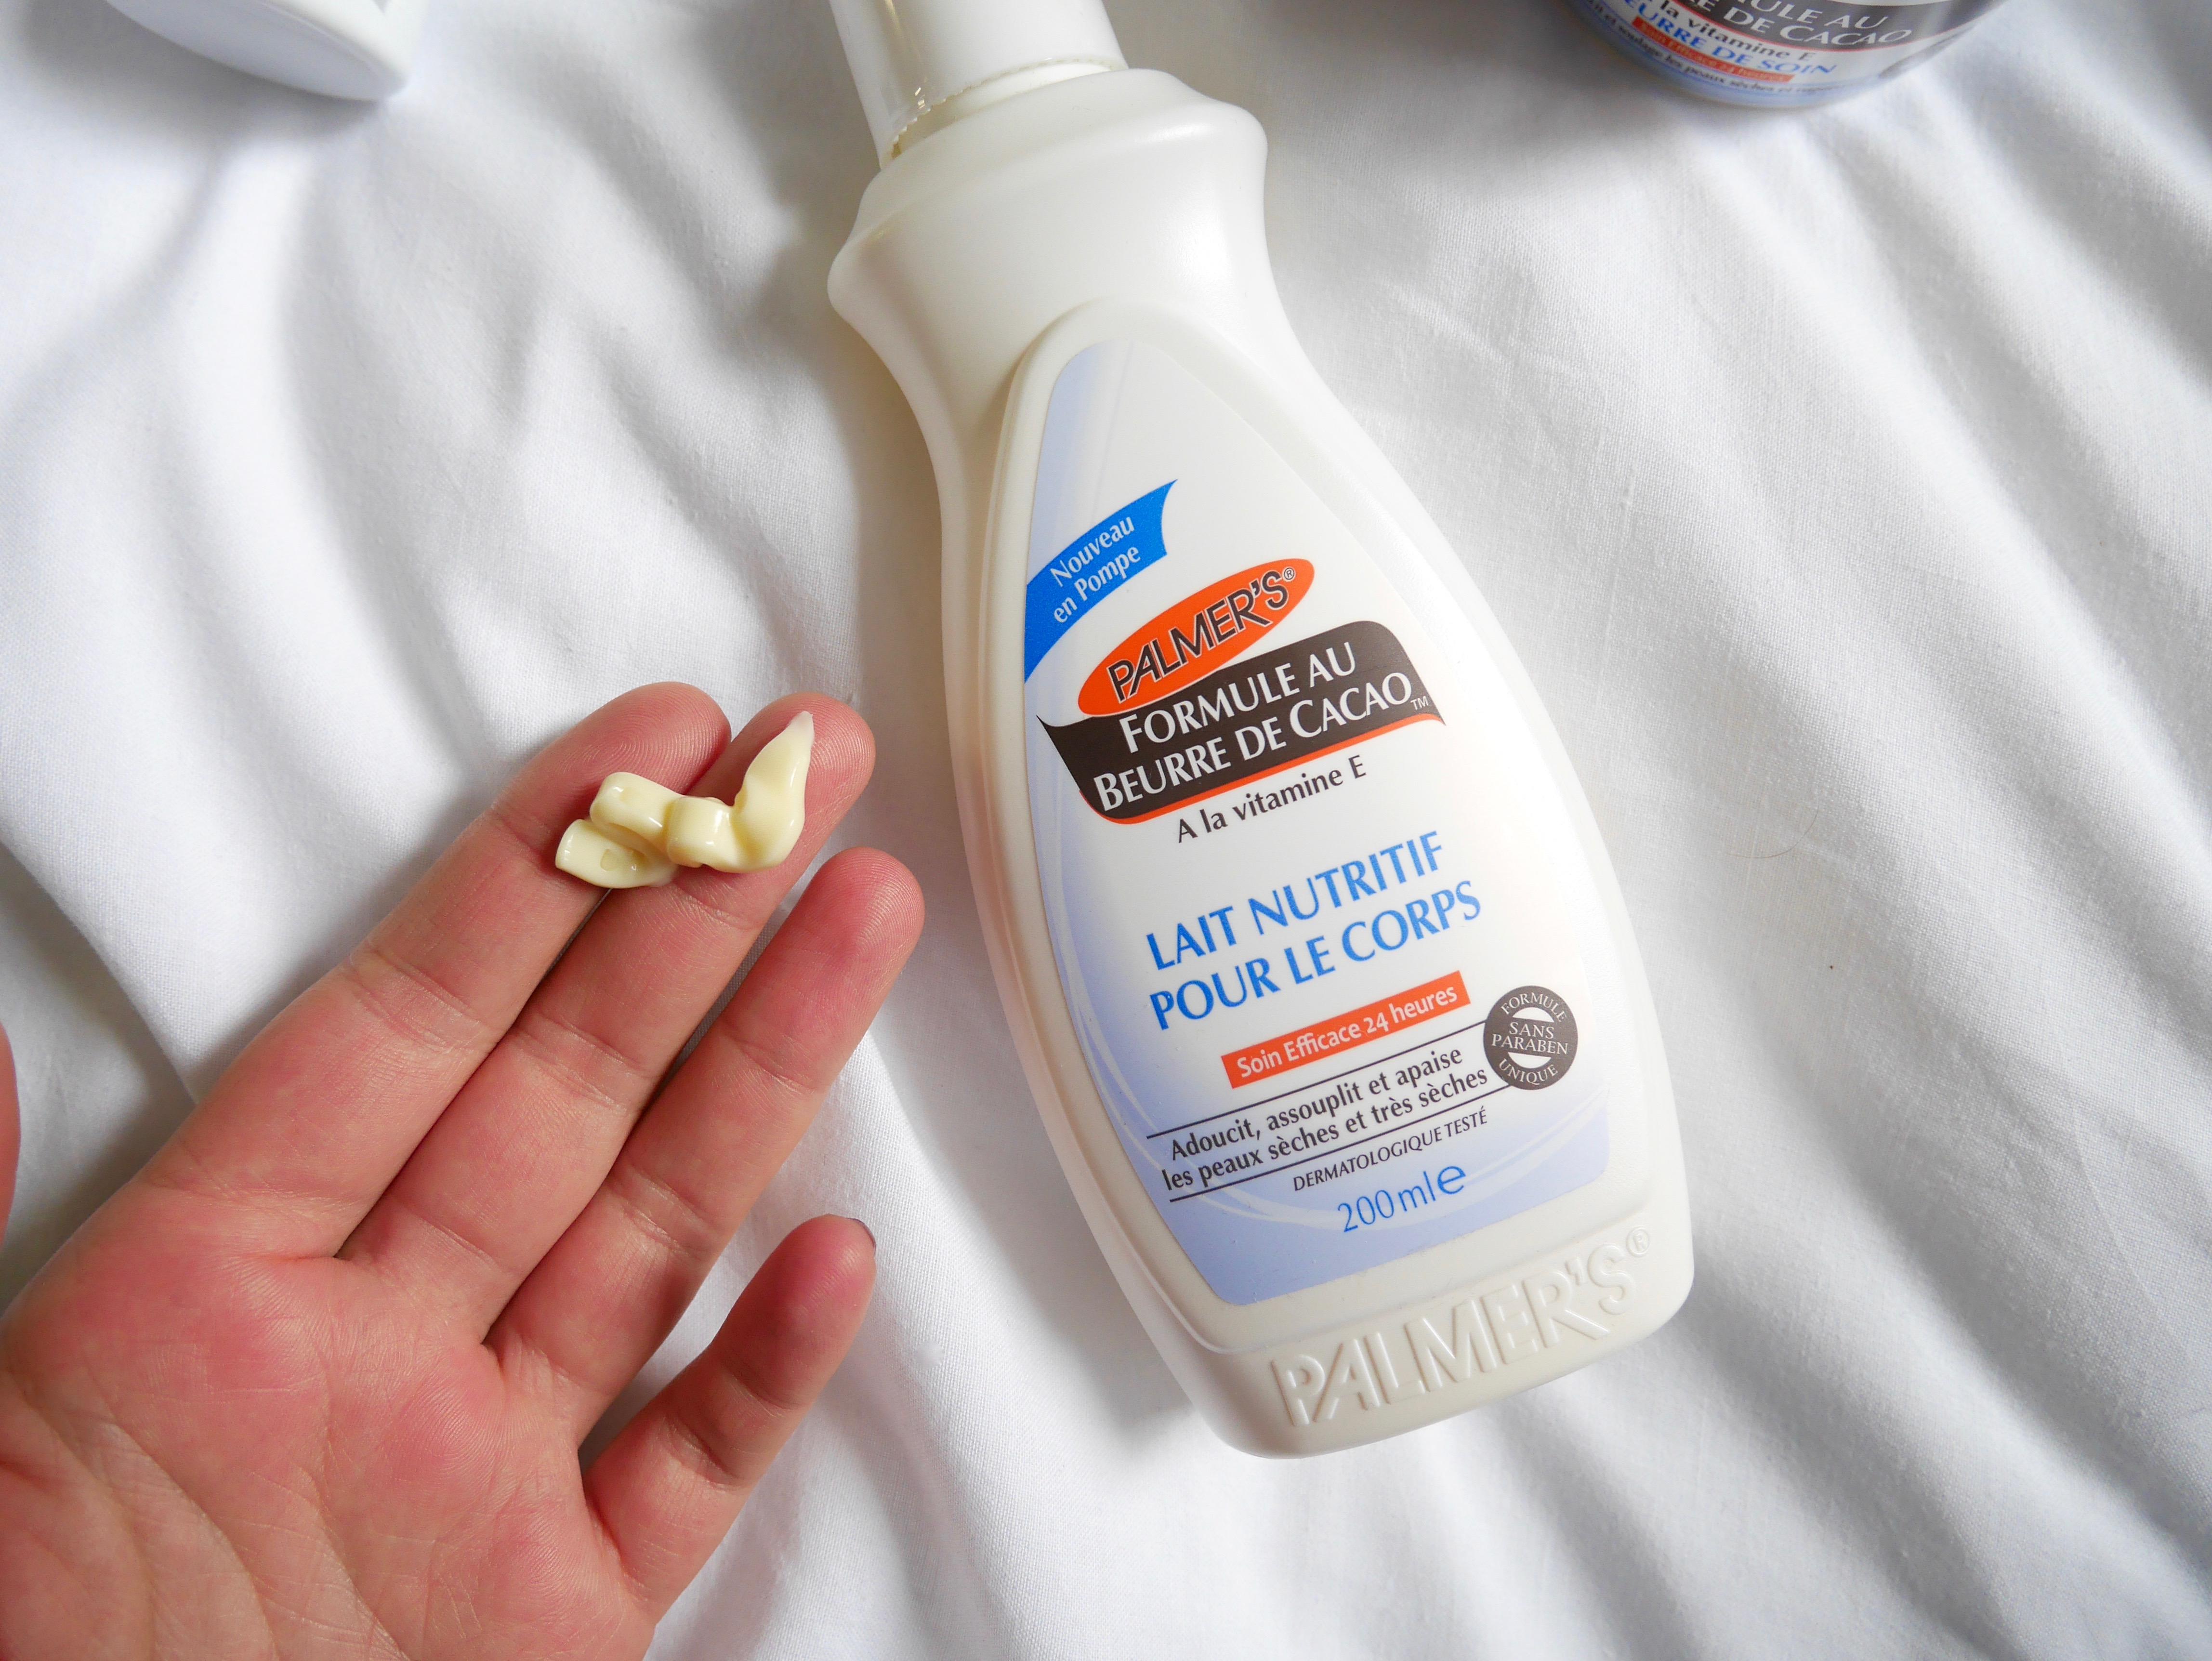 palmer's beurre de cacao